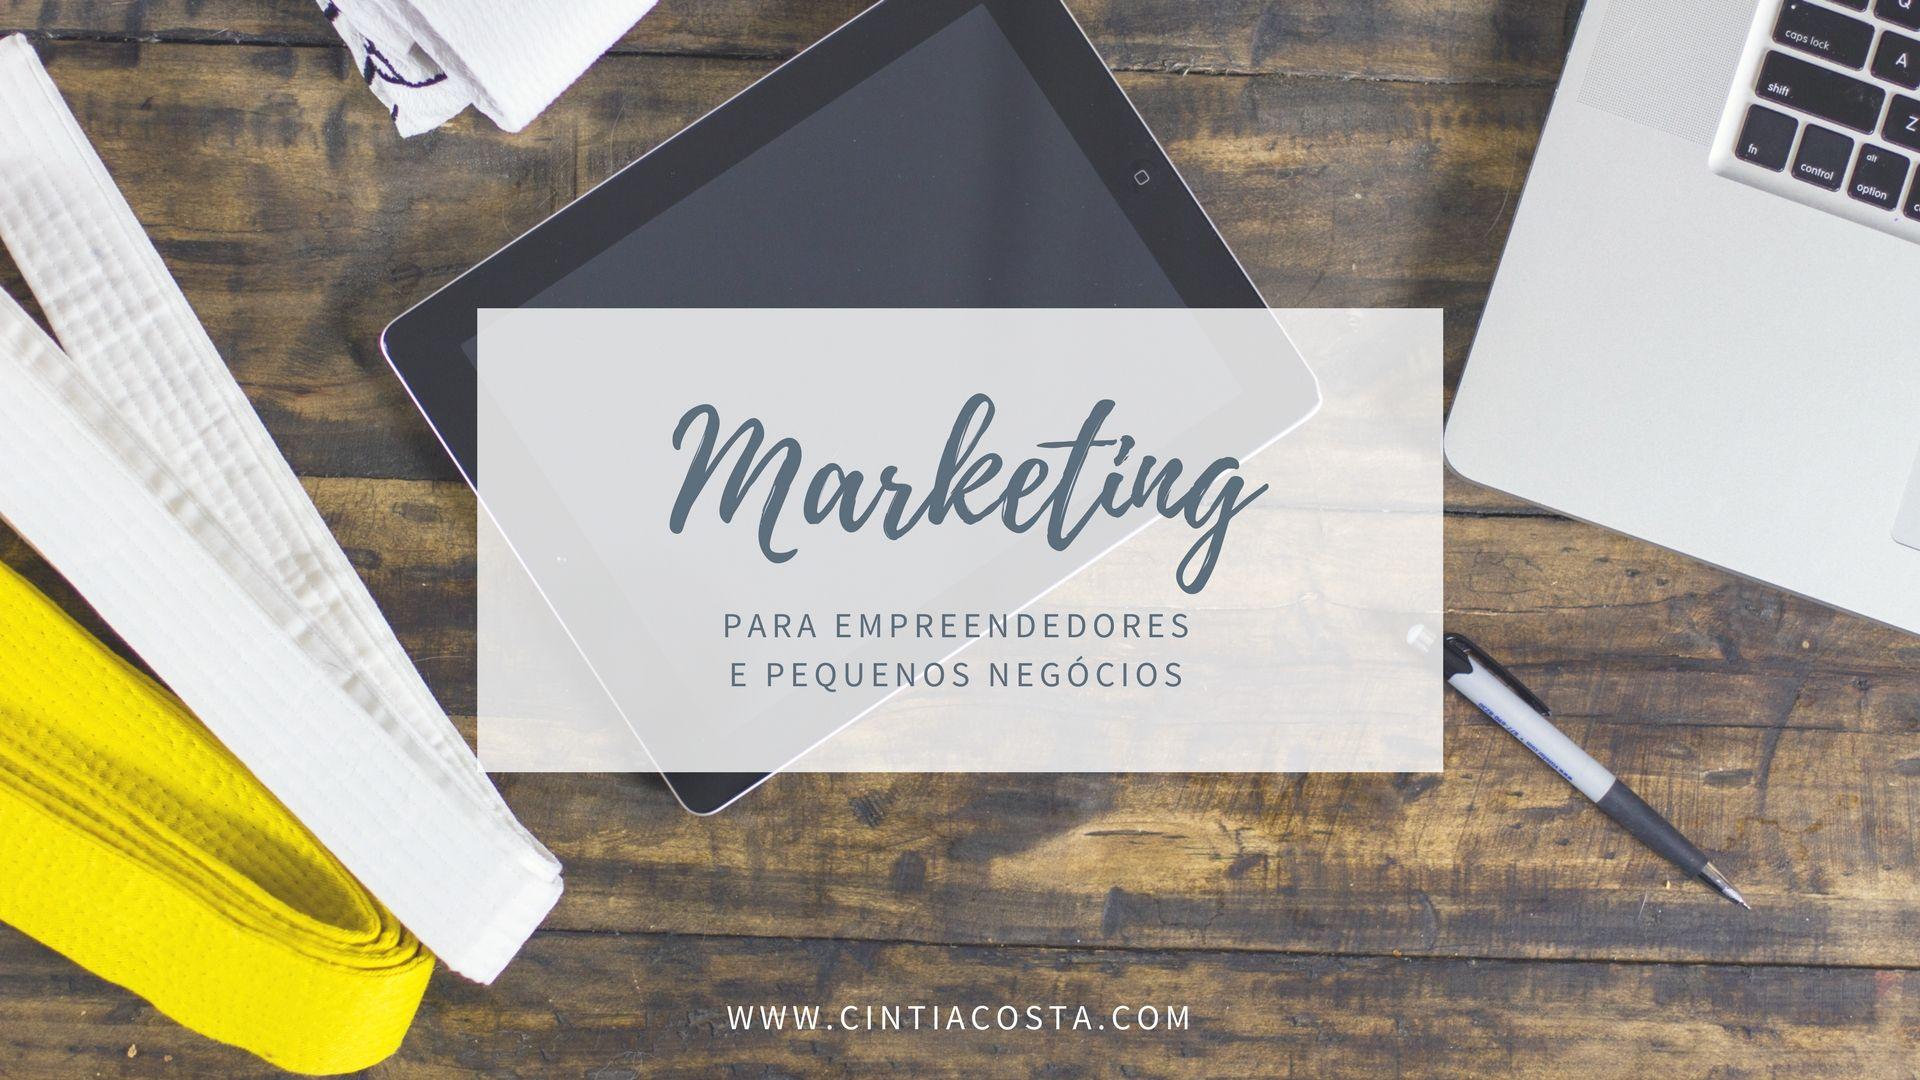 Dicas de marketing para empreendedores e pequenos negócios. Fonte: www.cintiacosta.com